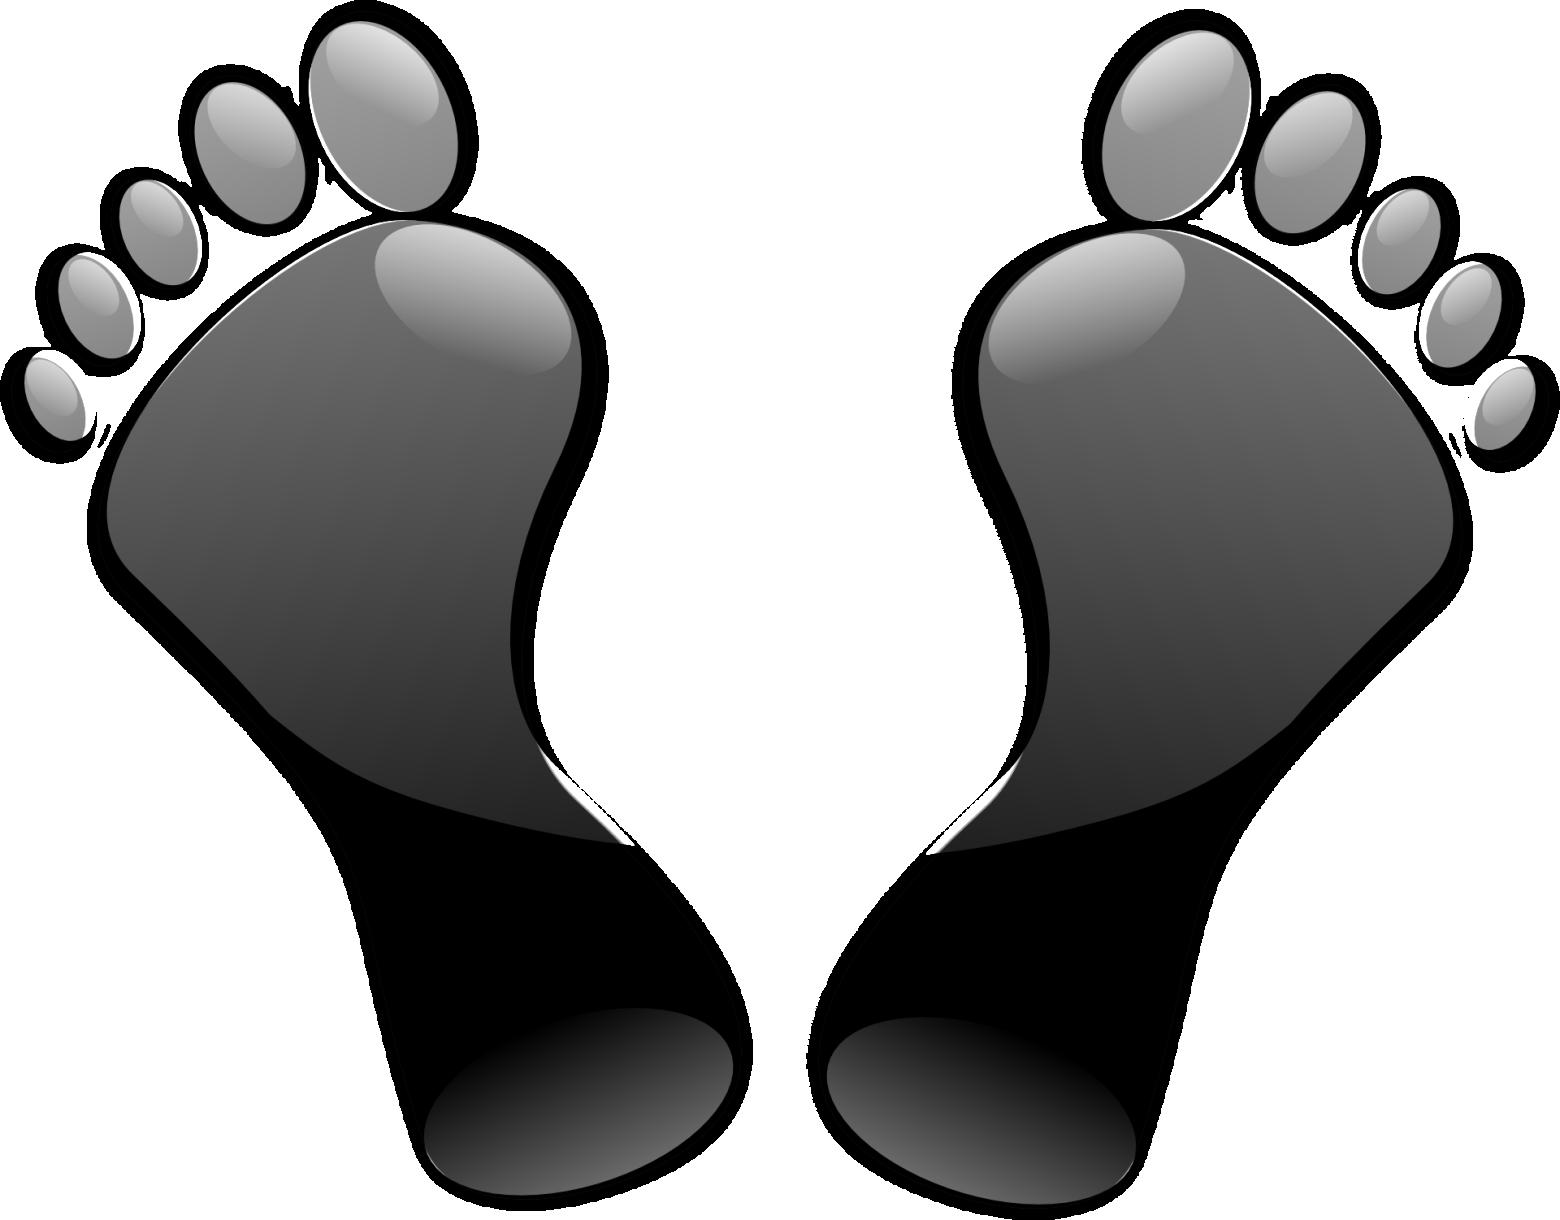 pieds empreintes 3d images illustrations photos gratuites.